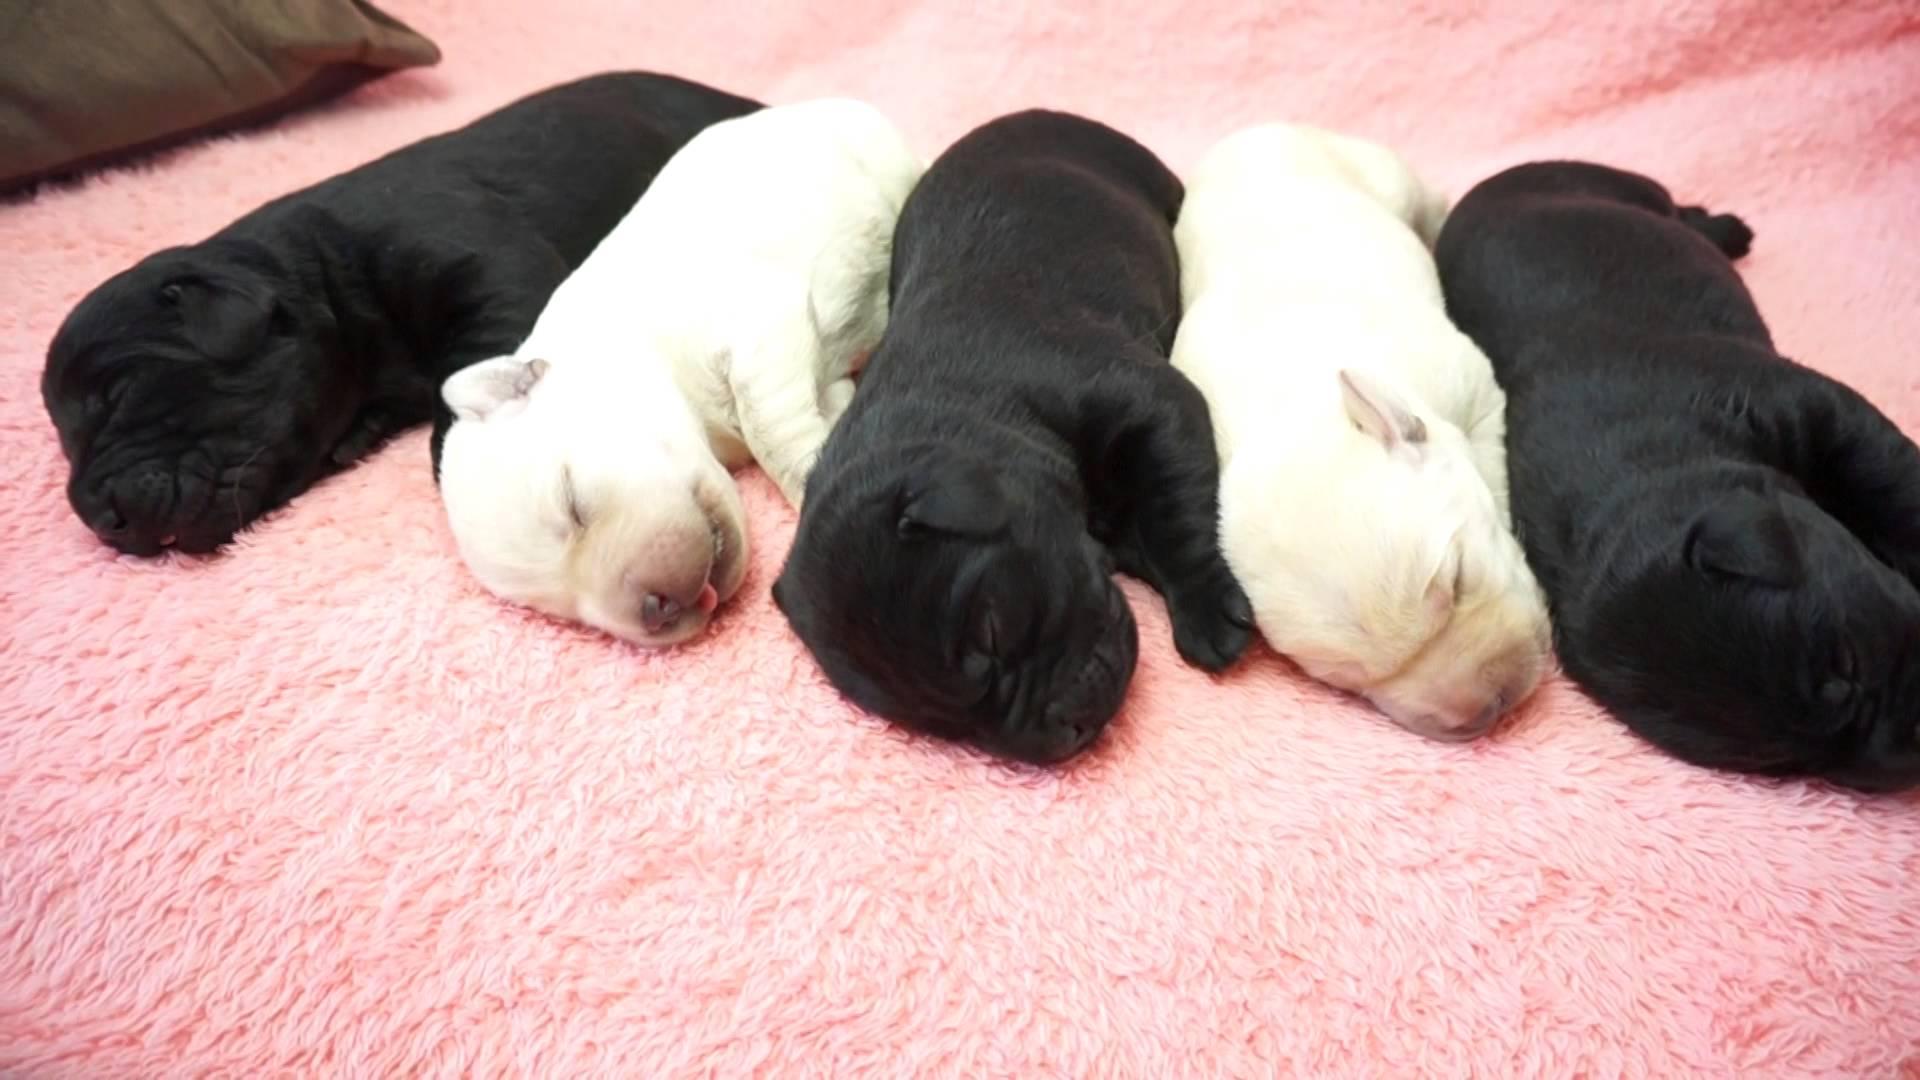 ラブラドールの赤ちゃん5匹の寝姿が可愛すぎる動画